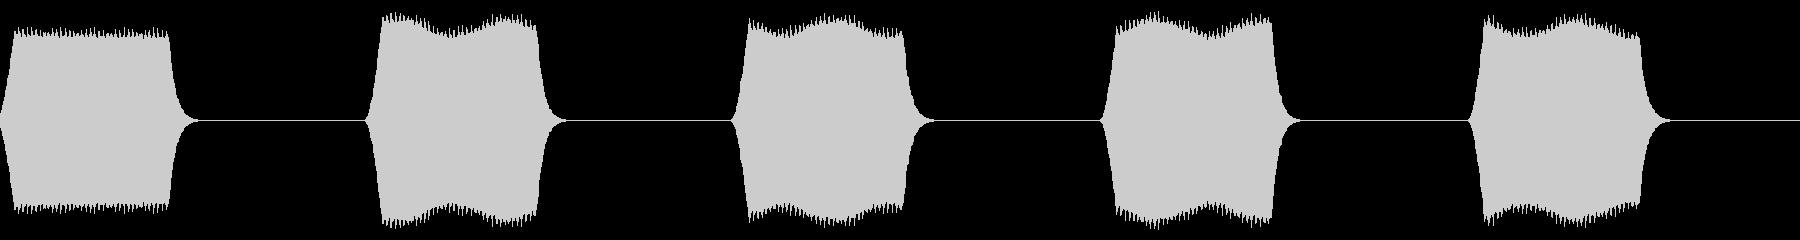 ピピピ:名前などを表示する時のテキスト音の未再生の波形